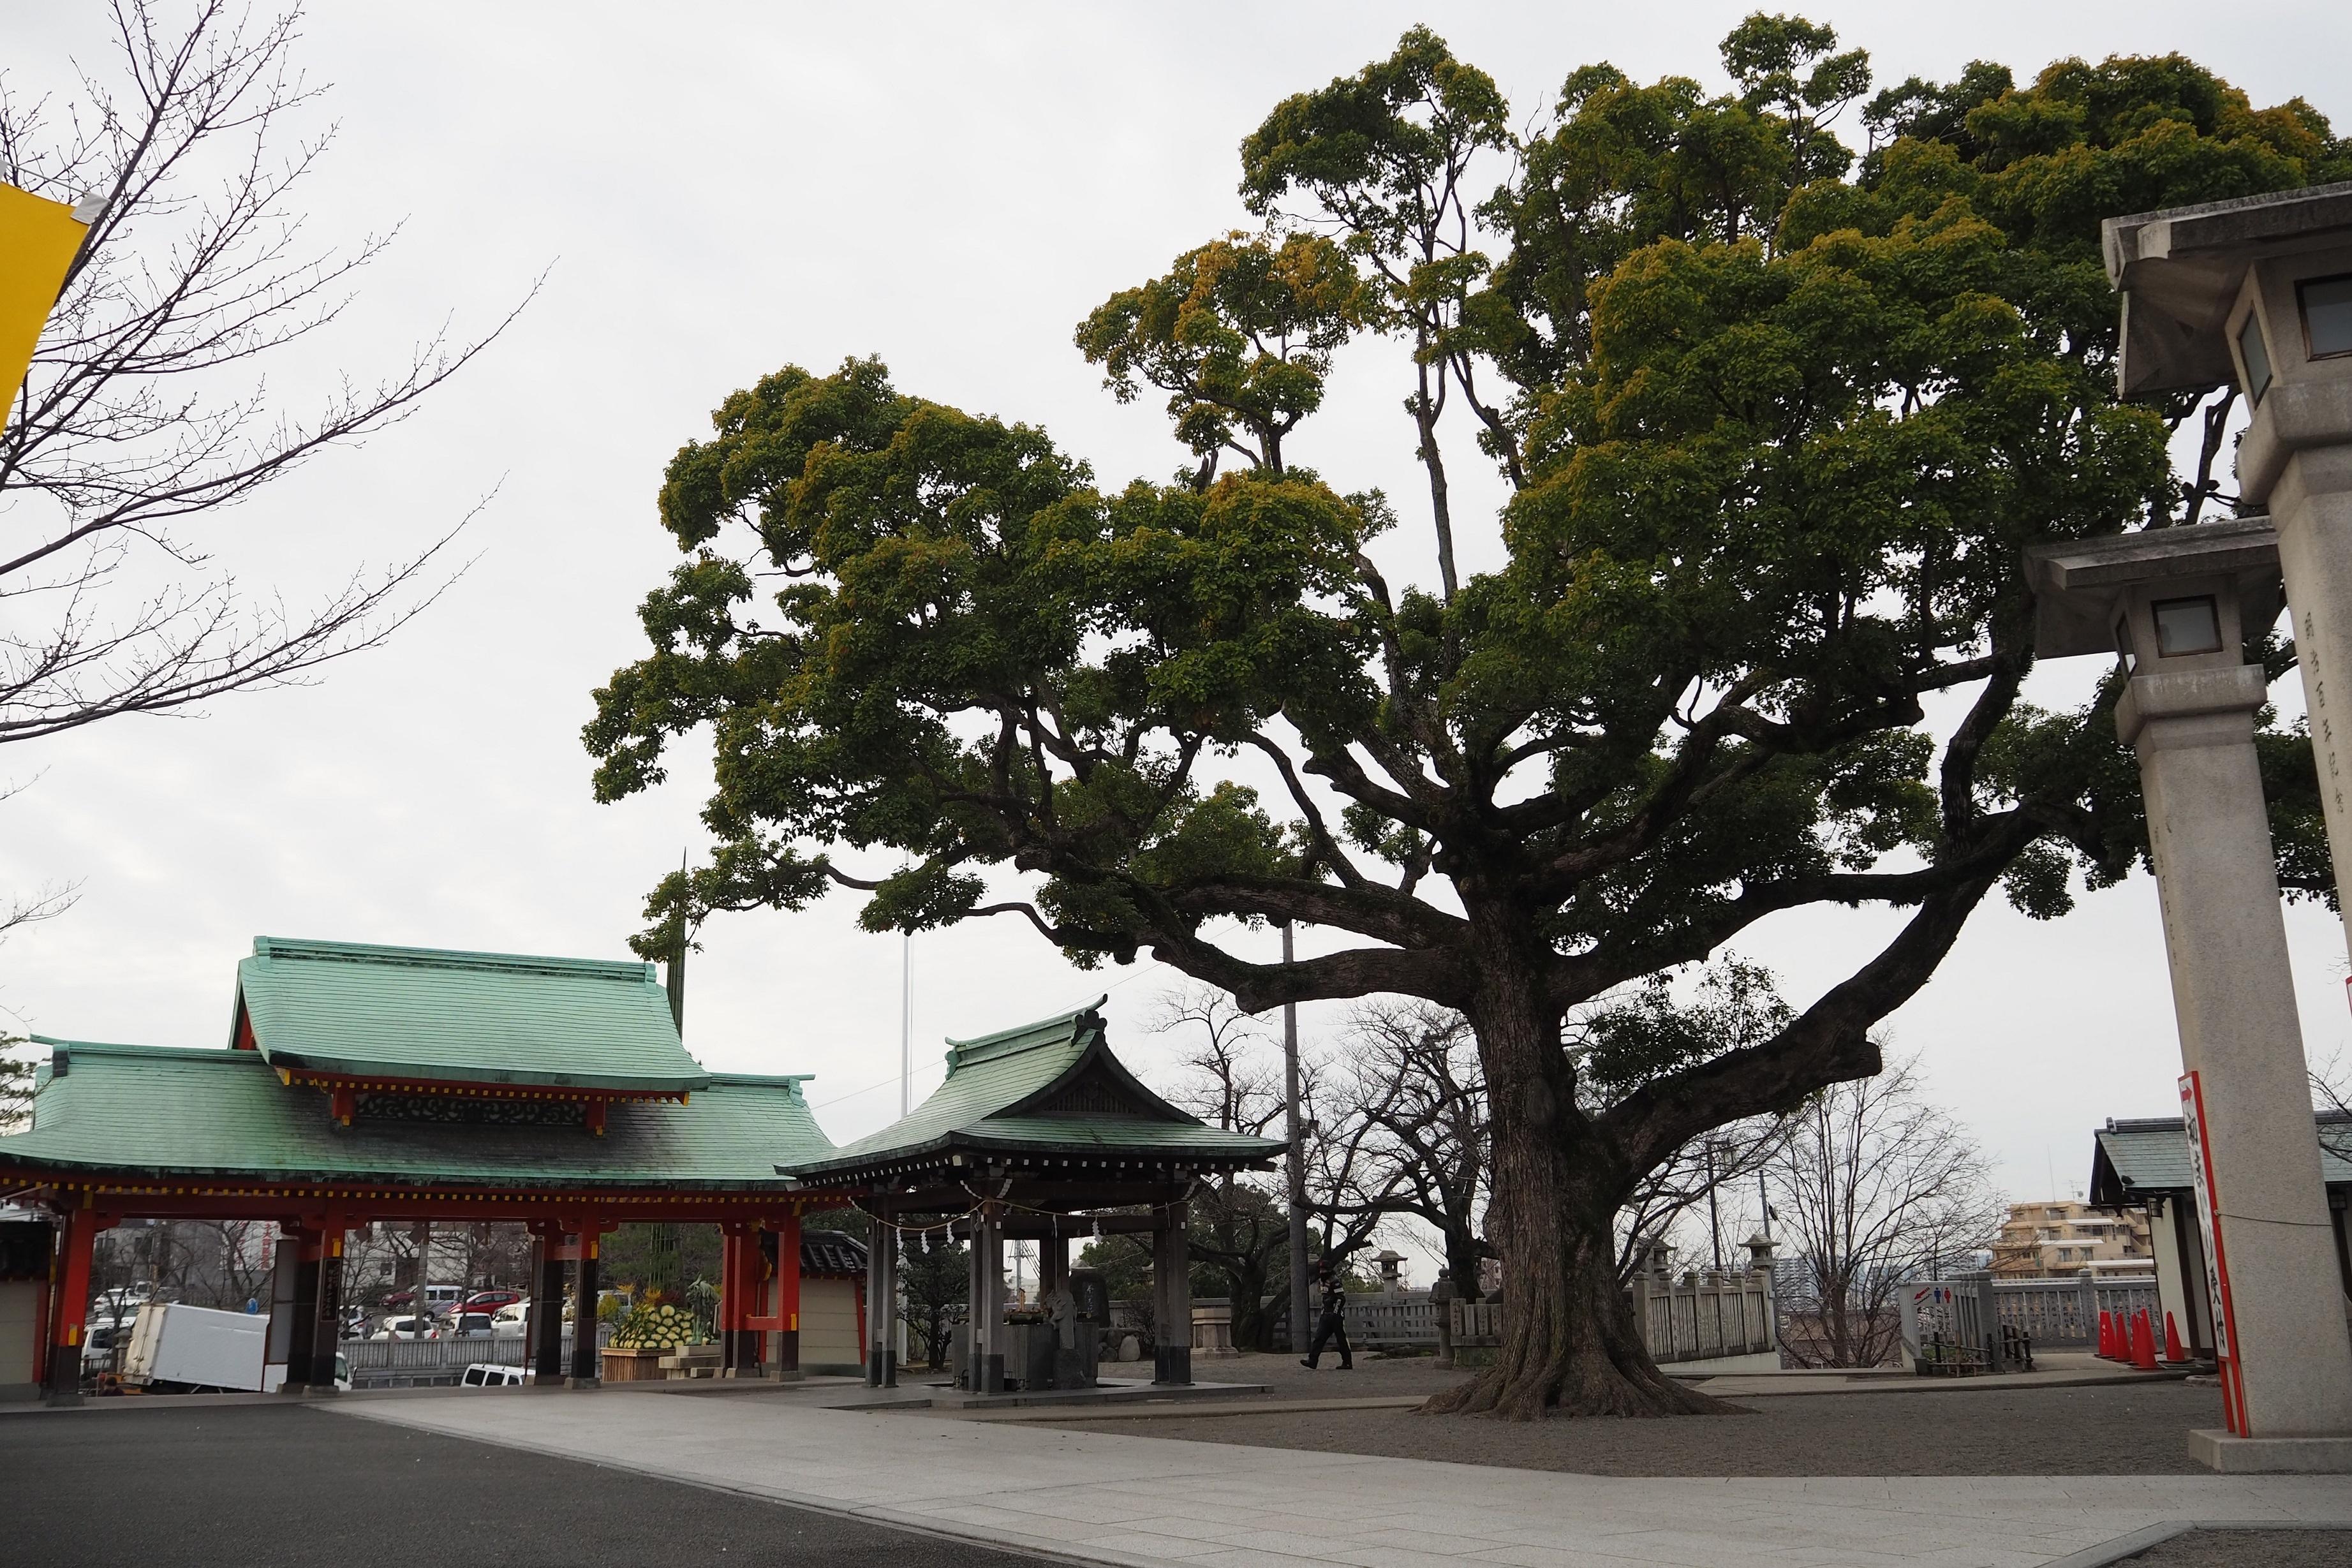 harleydavidson-motorcycle-touring-blog-naritasan-shrine-tree.jpg